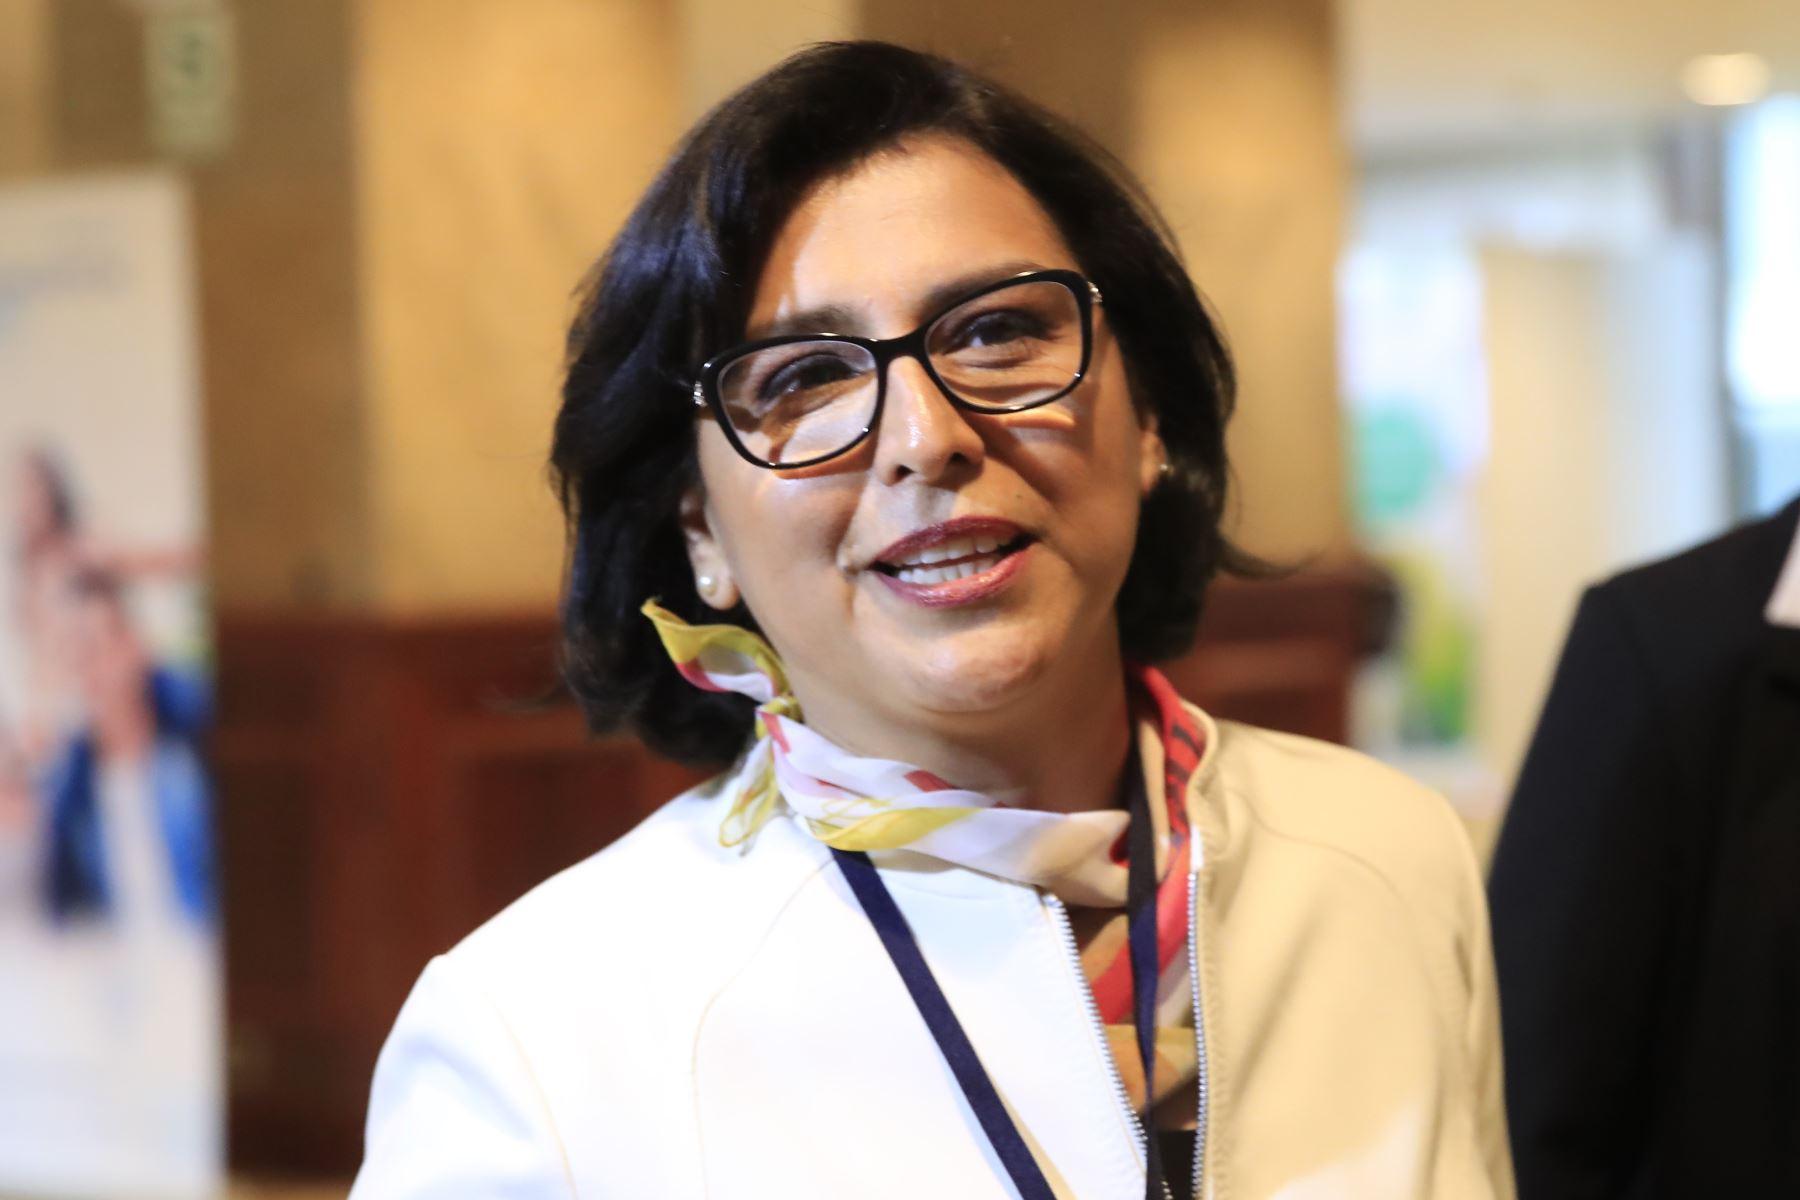 Ministra de Trabajo y Promoción del Empleo, Sylvia Cáceres. Foto: ANDINA/Juan Carlos Guzmán.